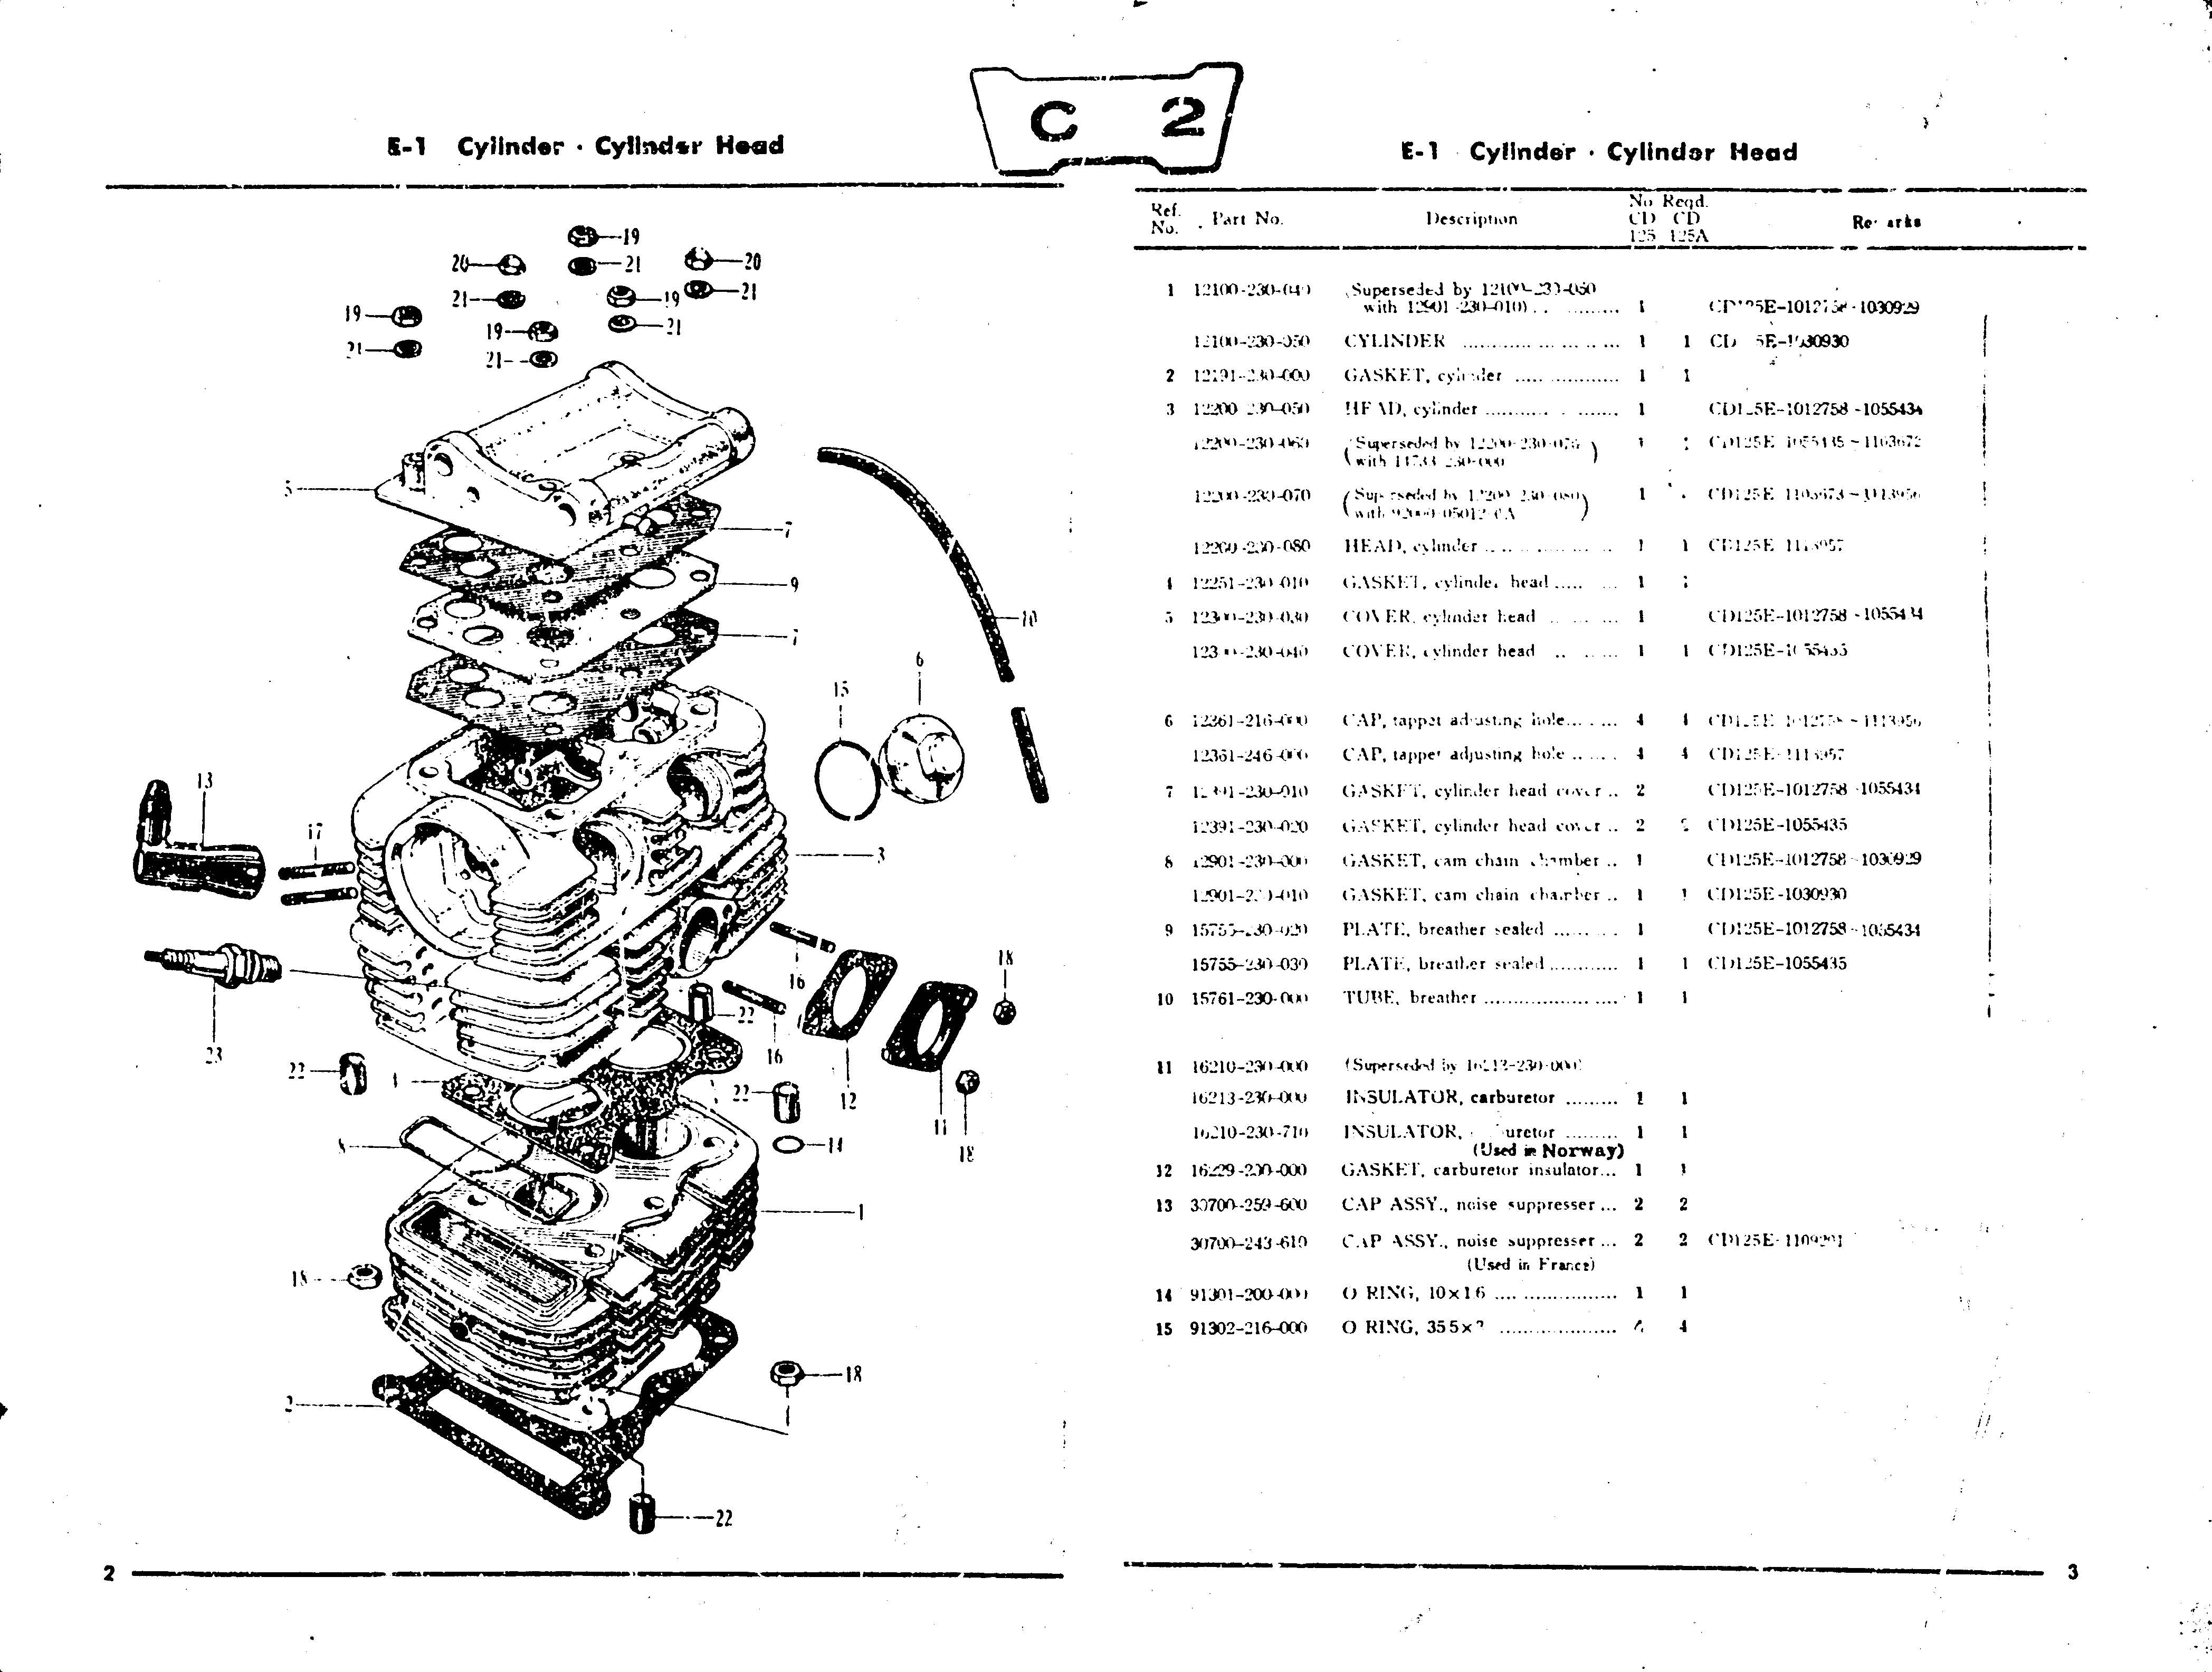 Parts list for Honda CD125A (1967)